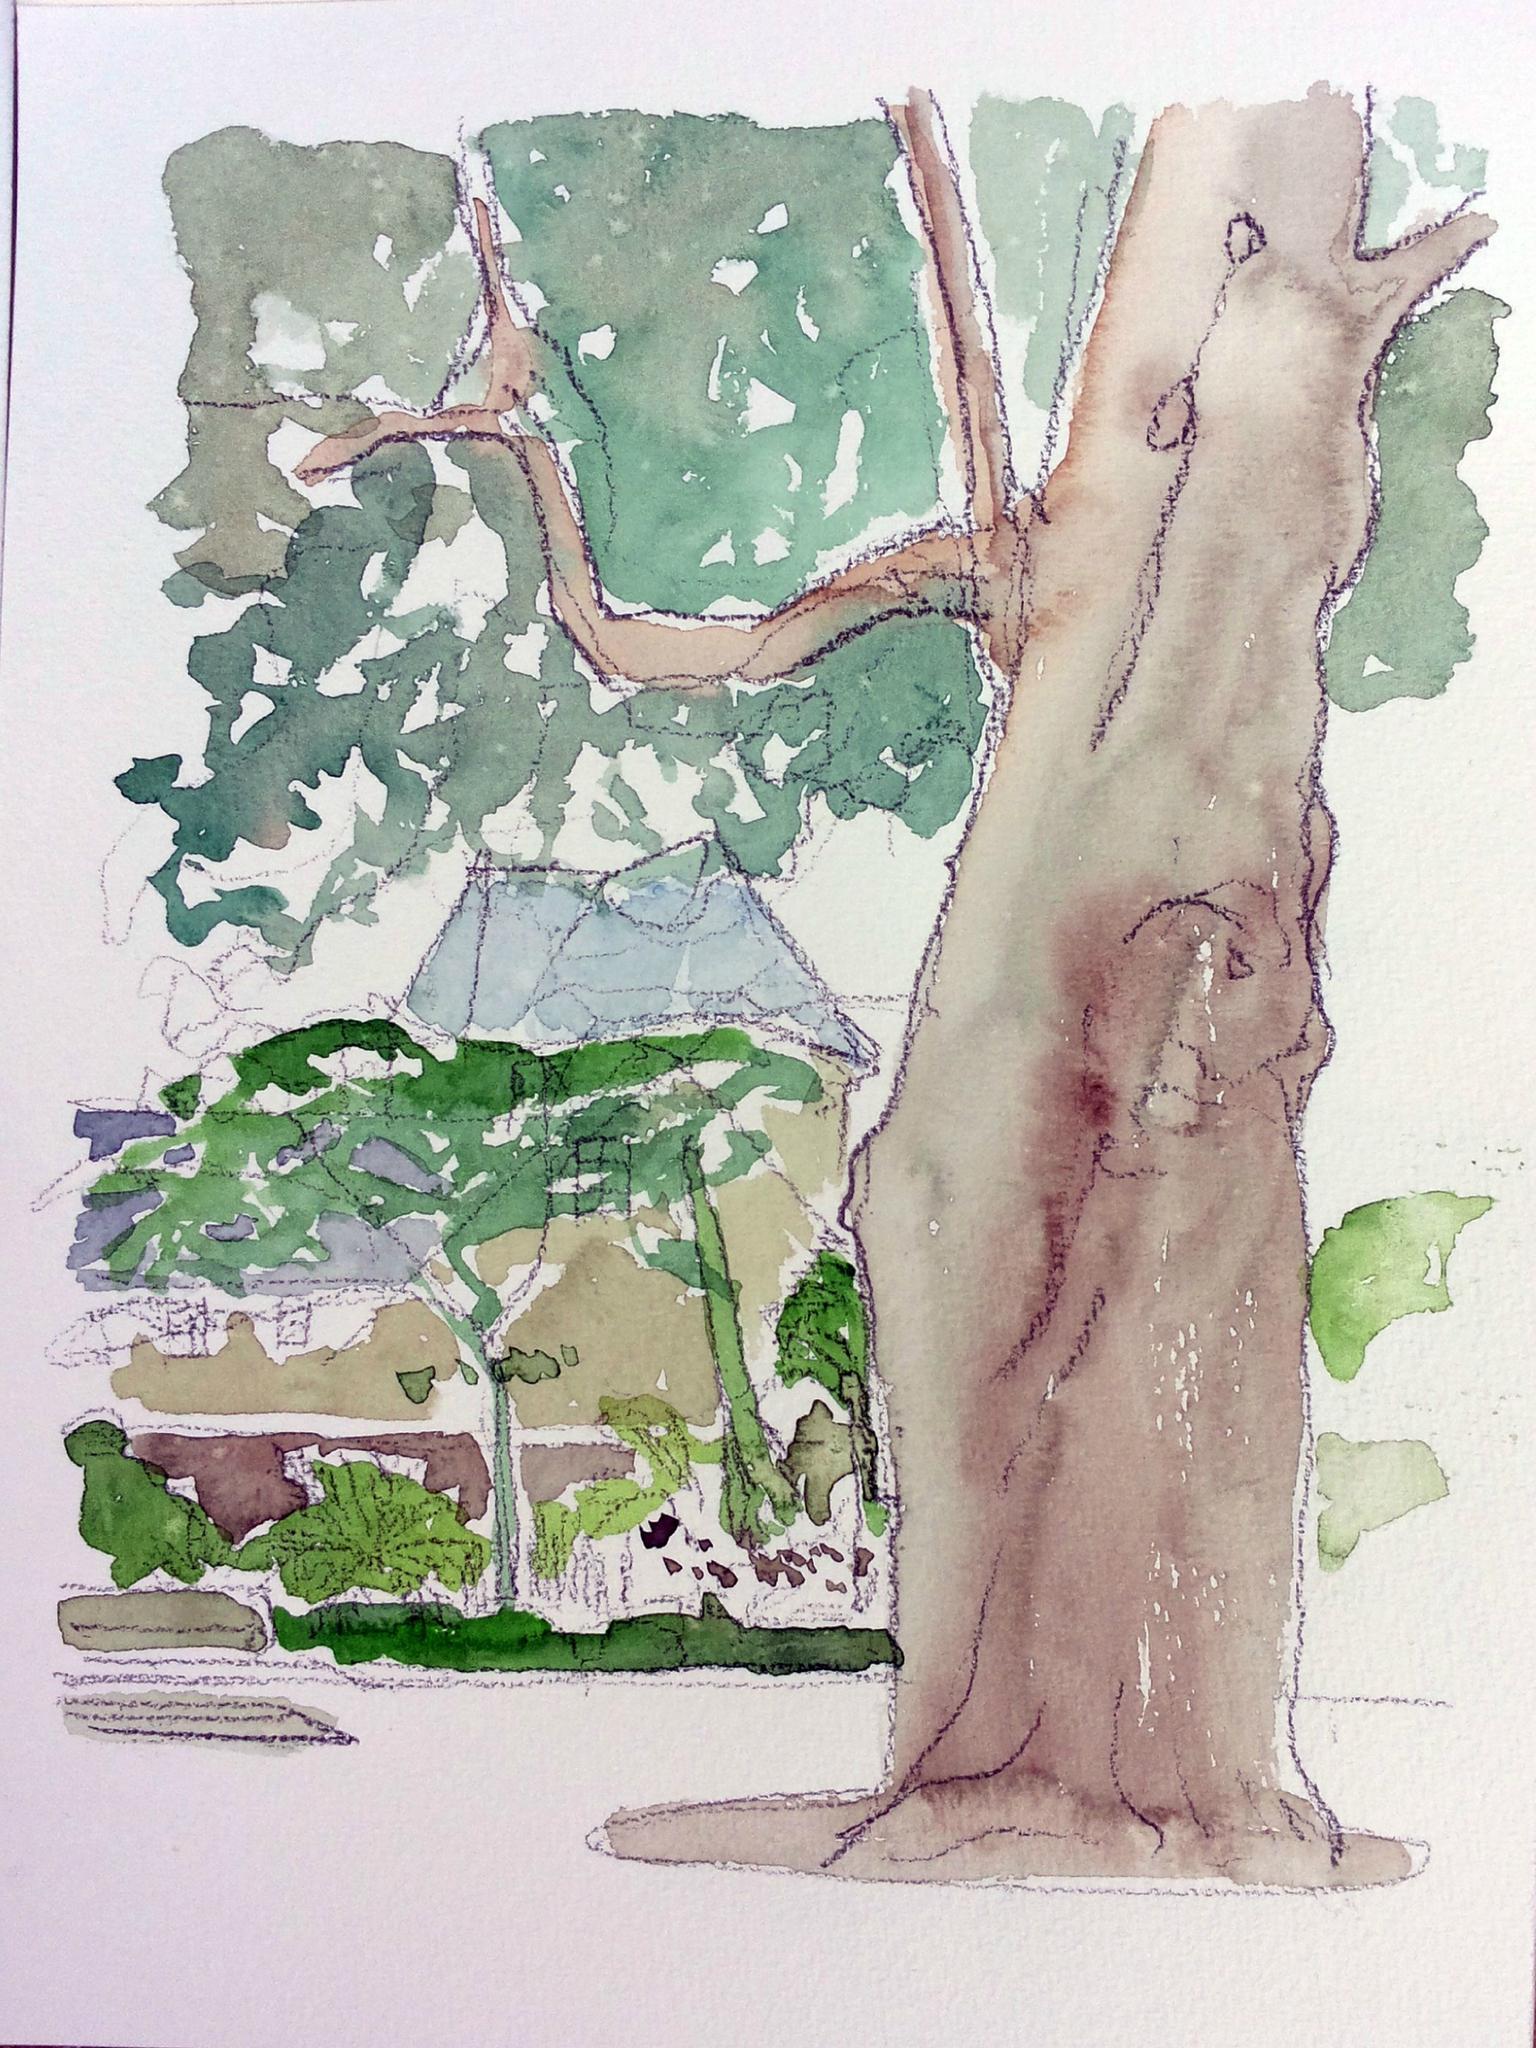 Près de l'arbre